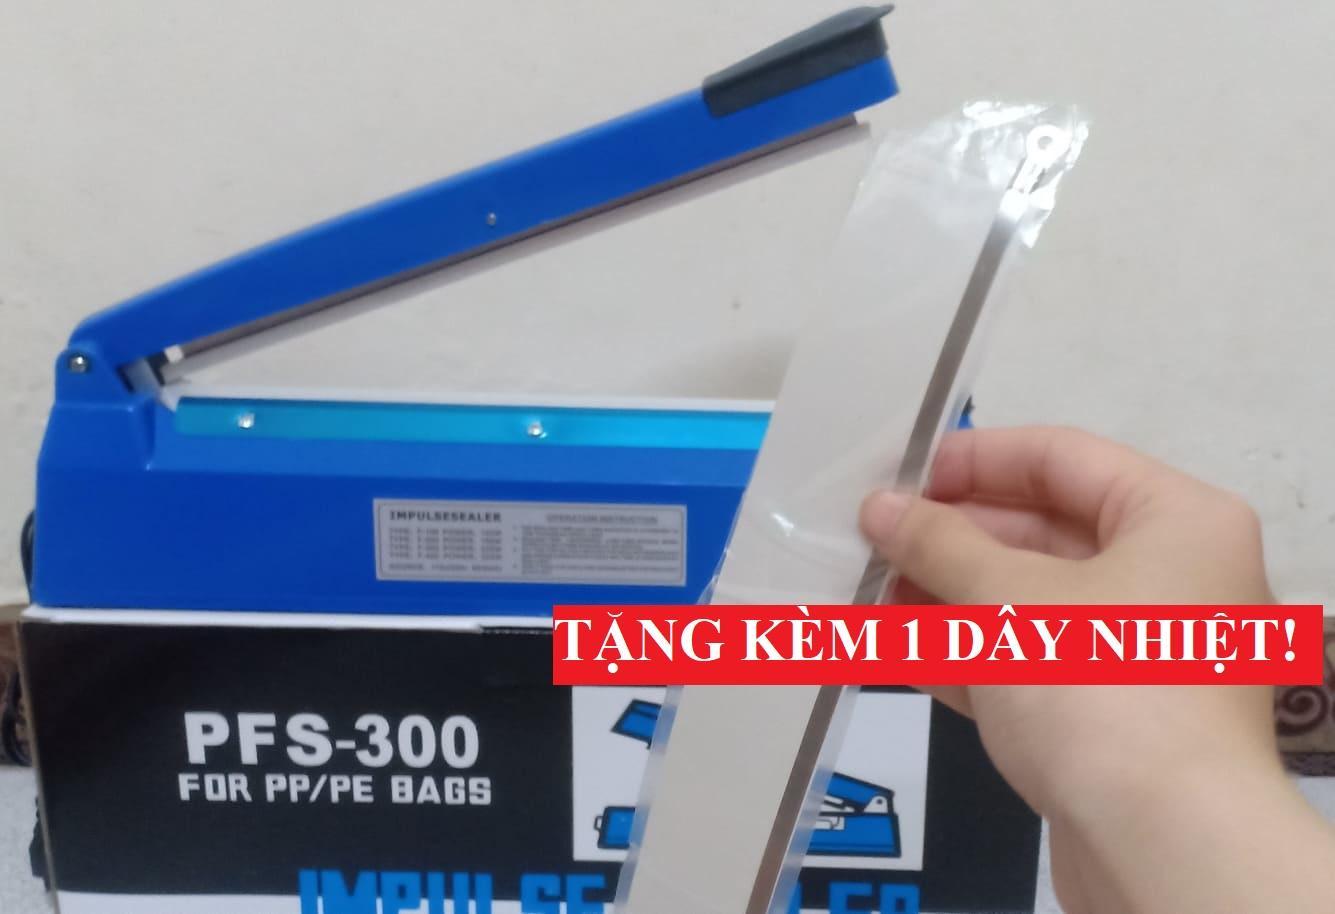 máy hàn miệng túi PFS300 (30cm) +TẶNG BỘ DÂY NHIỆT, máy ép túi nilong, màng co